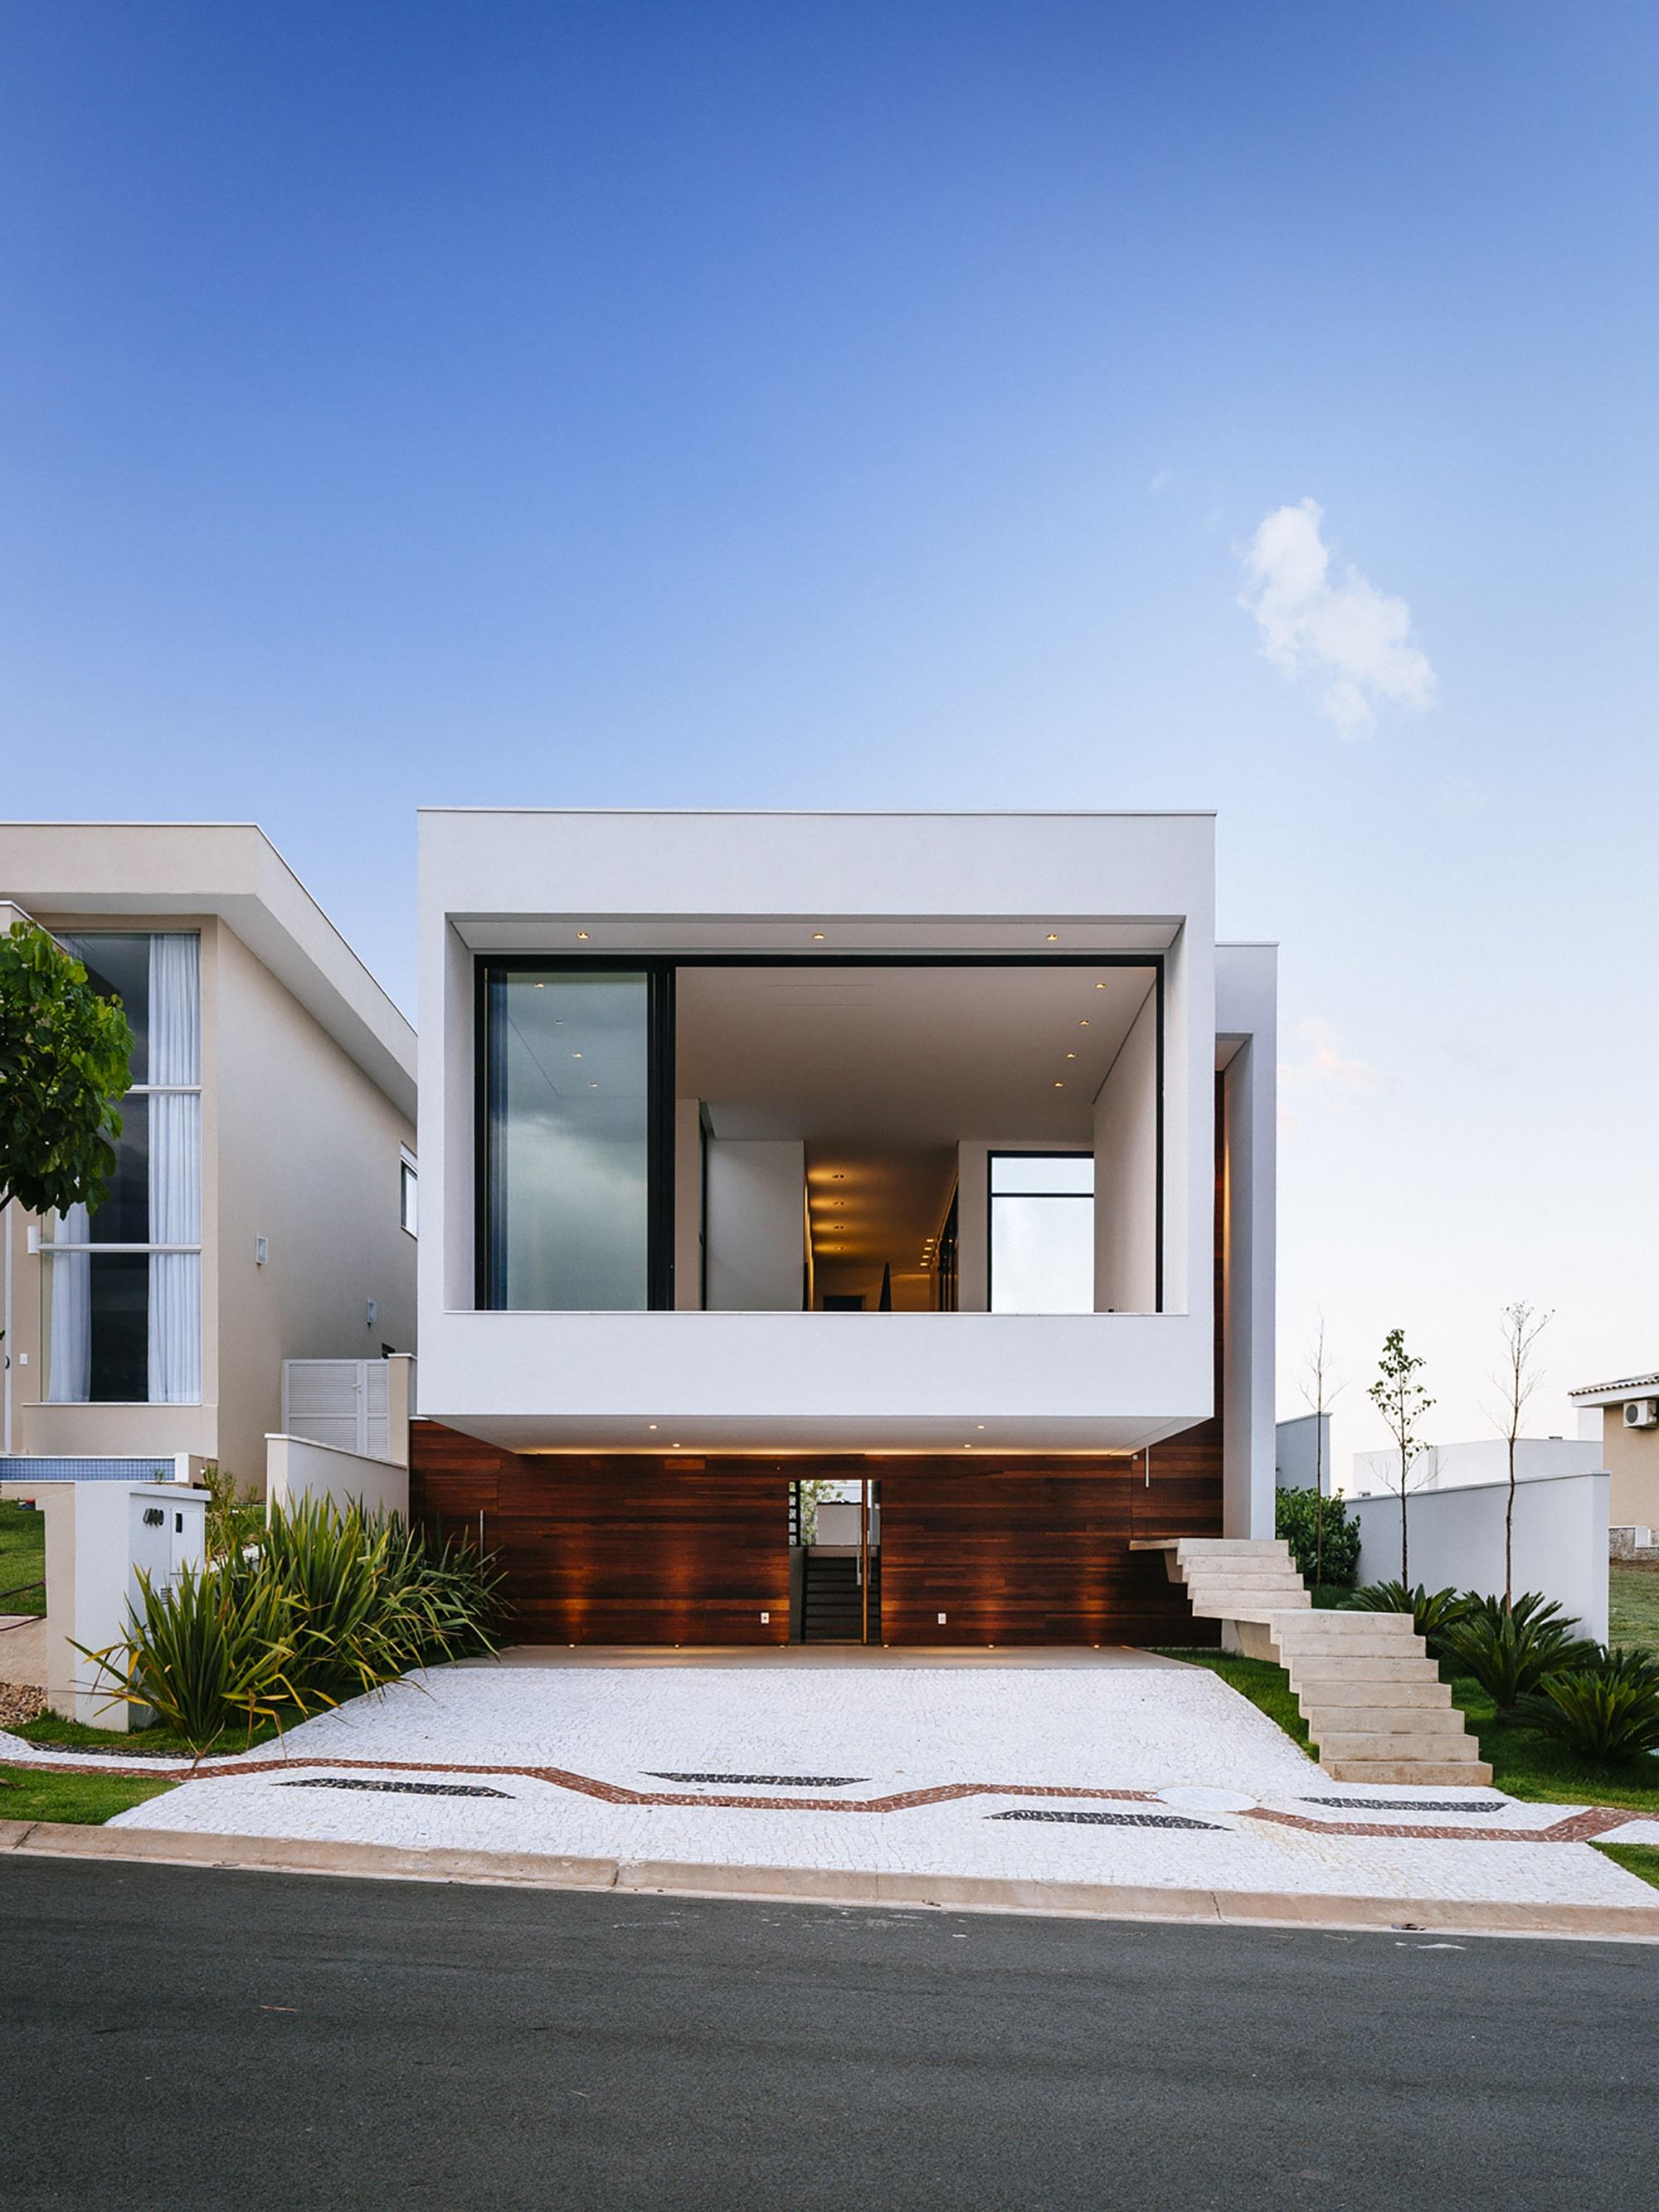 Dise o de moderna casa de dos pisos con fachada y planos for Casas modernas fachadas de un piso